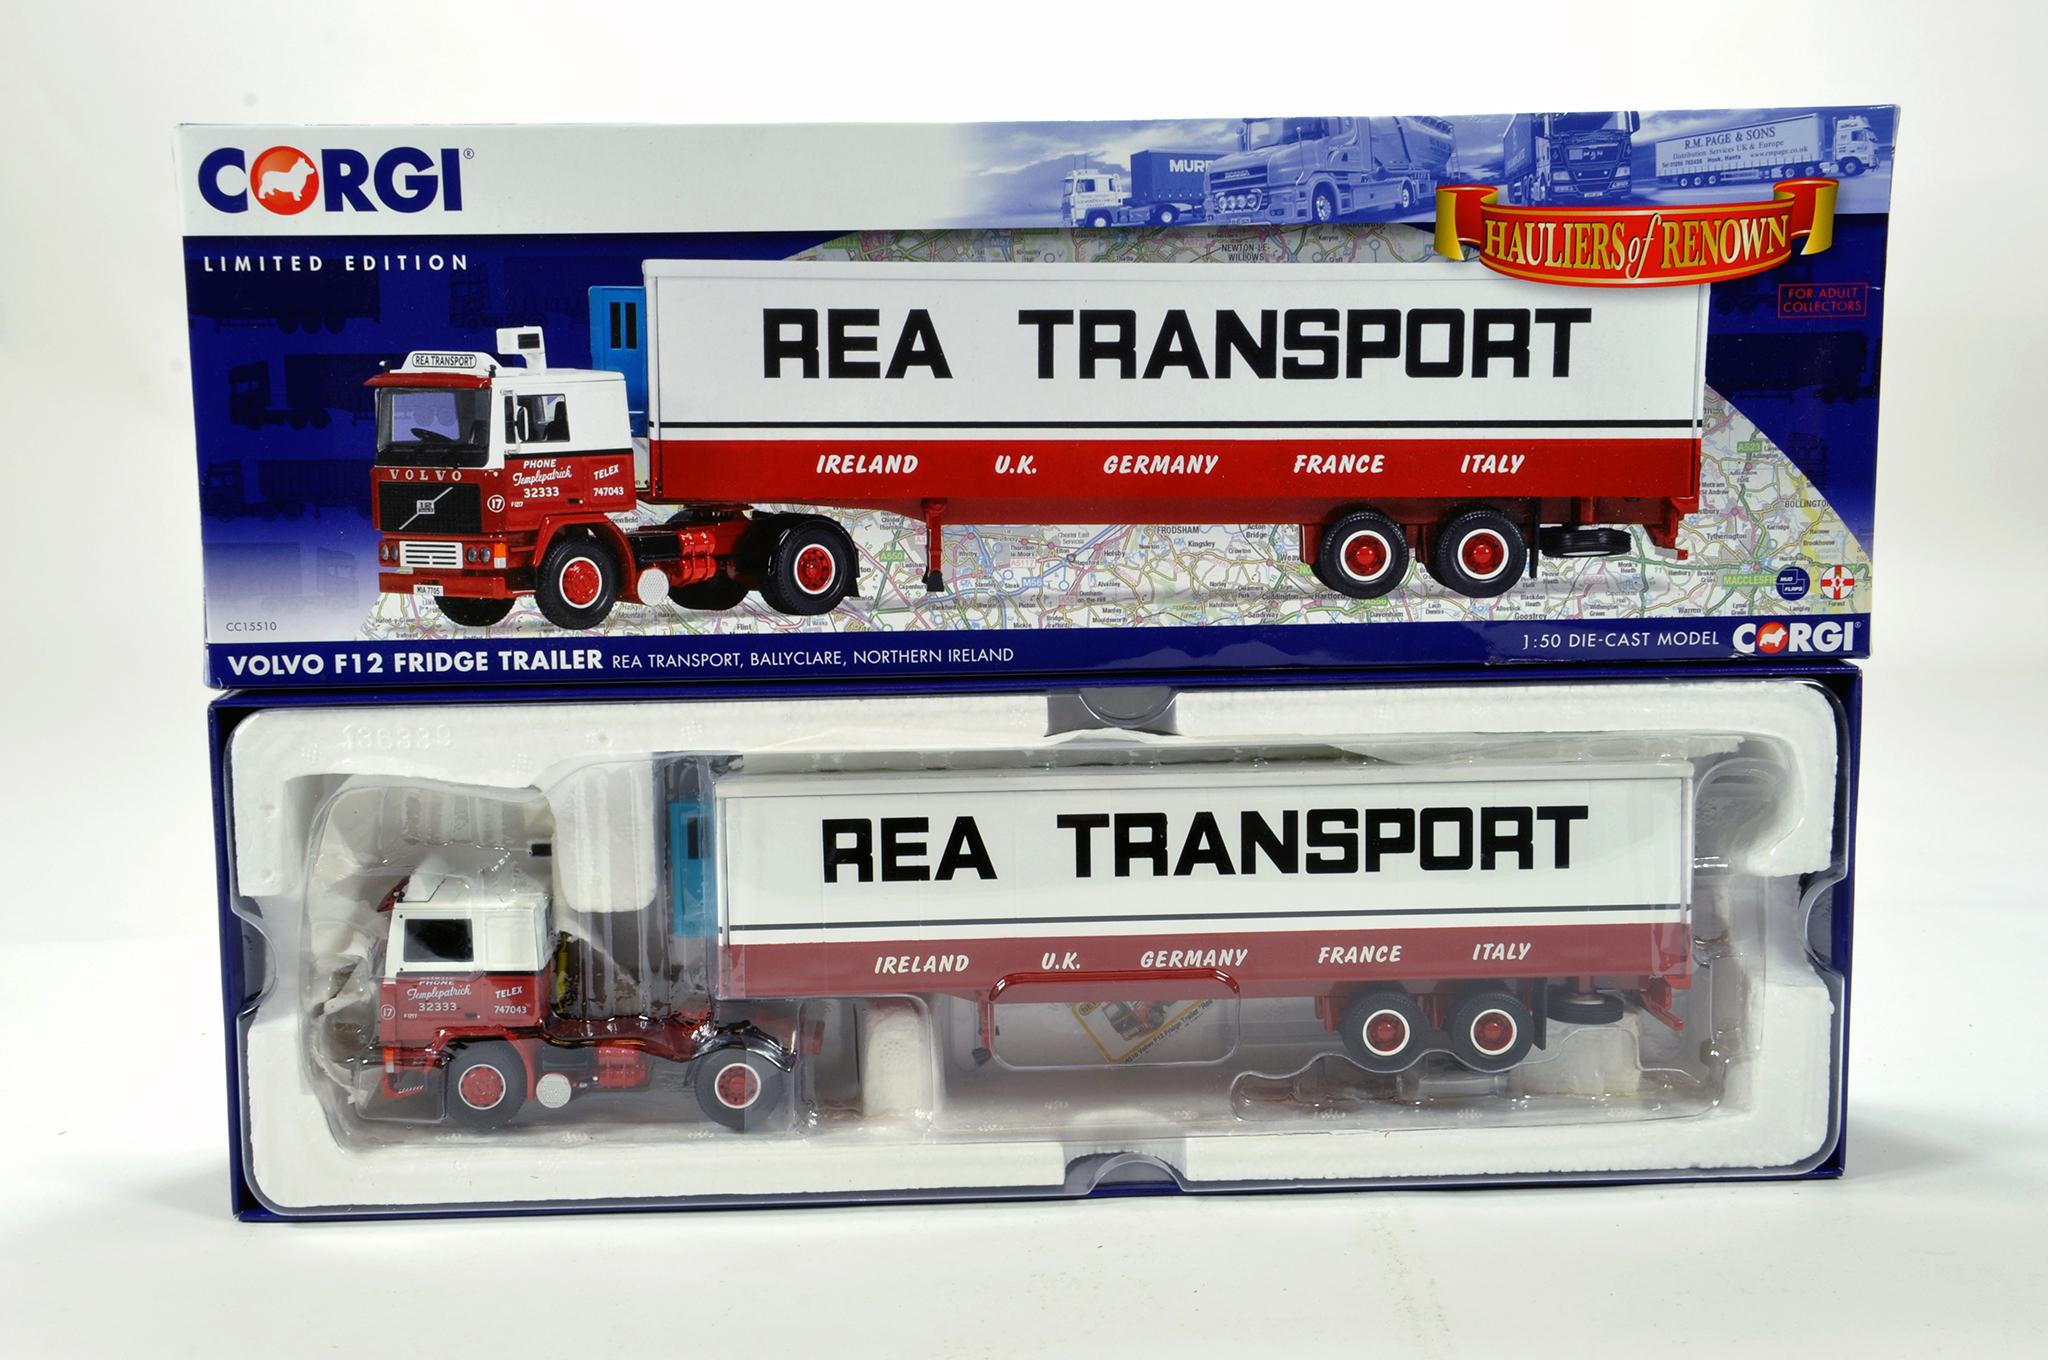 Lot 33 - Corgi 1/50 diecast truck issue comprising No. CC15510 Volvo F12 Fridge Trailer in livery of Rea